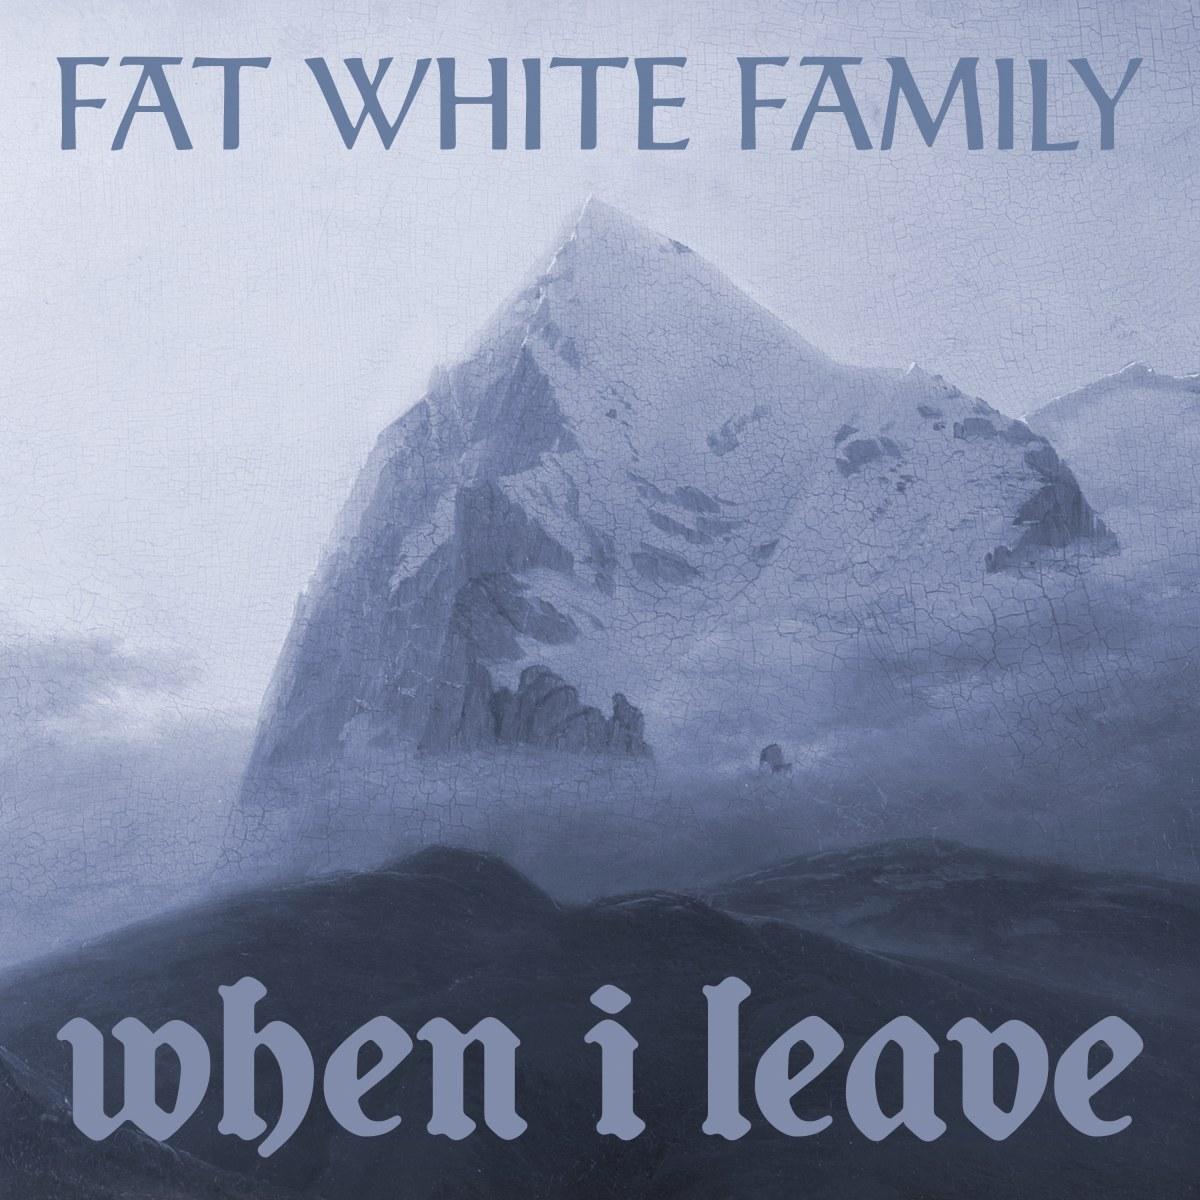 Fat White Family